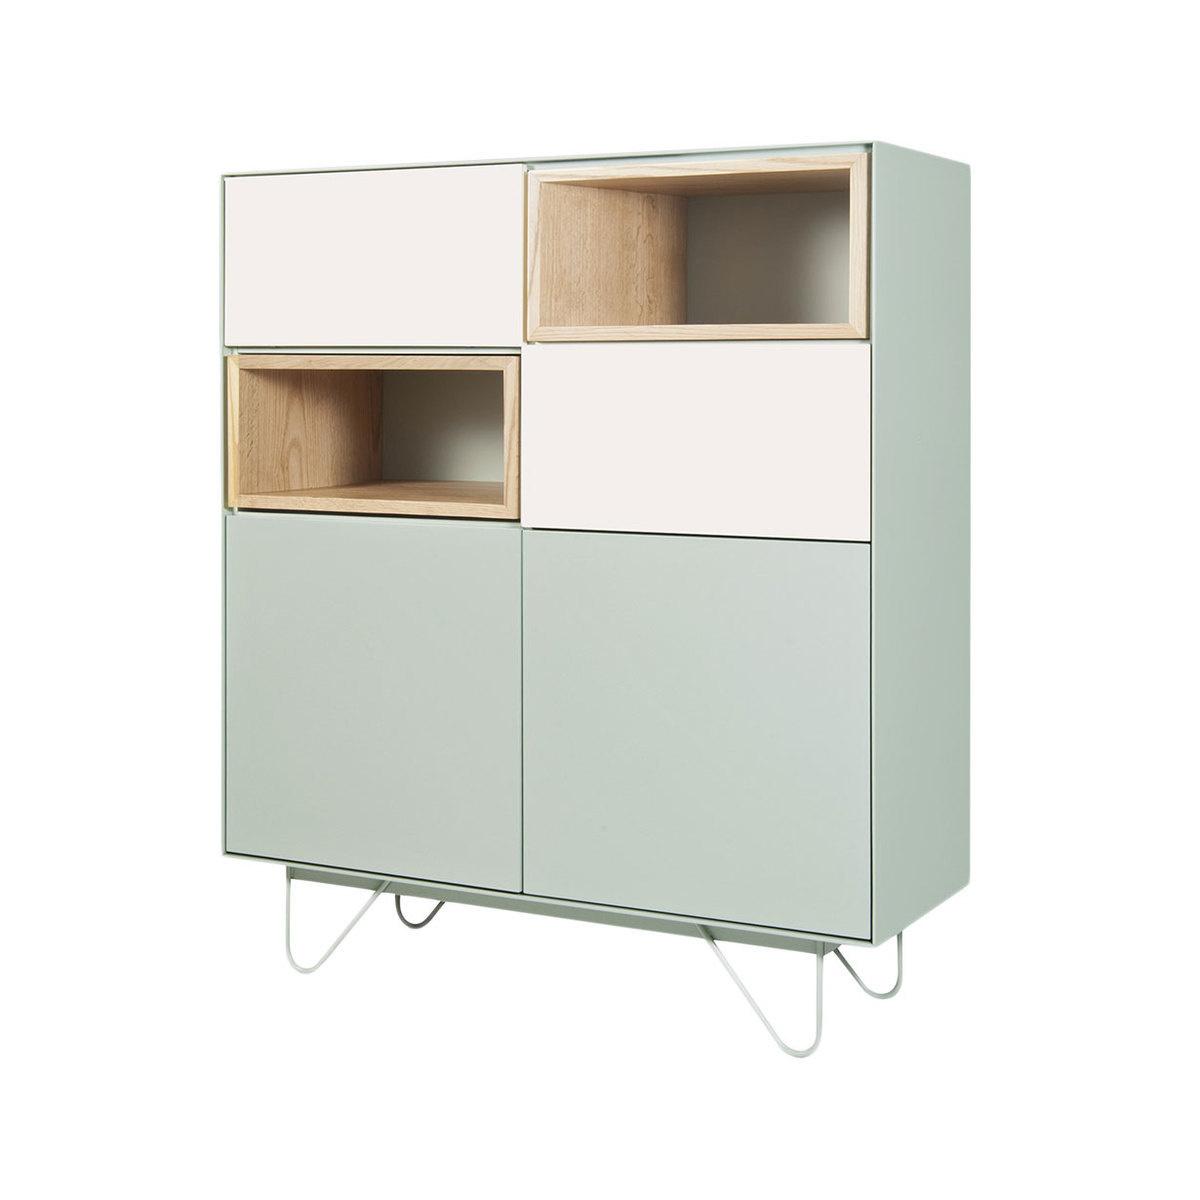 Armoire vintme avec accessoires en bois h120xl100 cm by - Location de meubles et accessoires ...